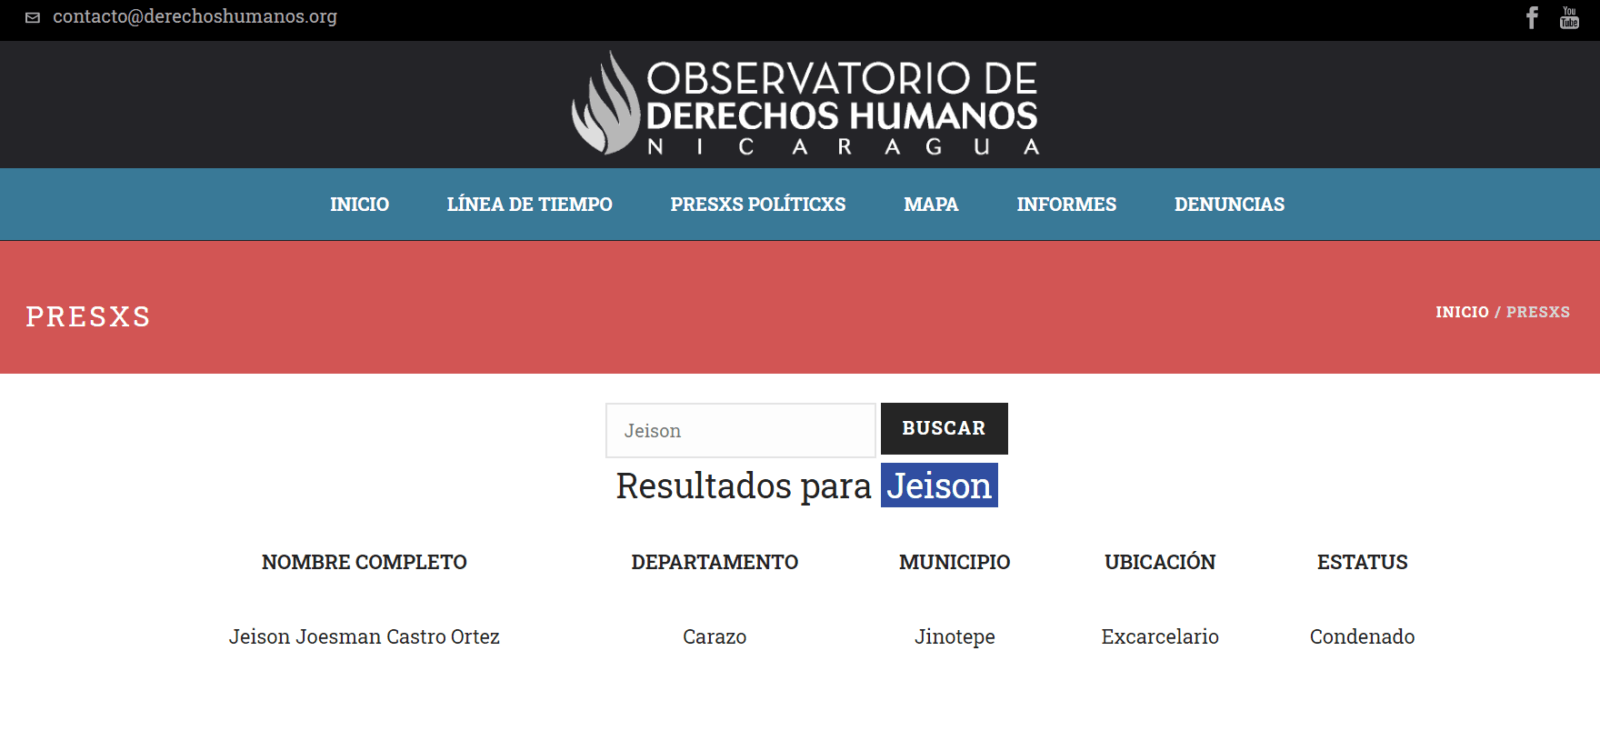 Observatorio-de-Derechos-Humanos-Nicaragua-presos-politicos-Jeison-Castro-Ortez